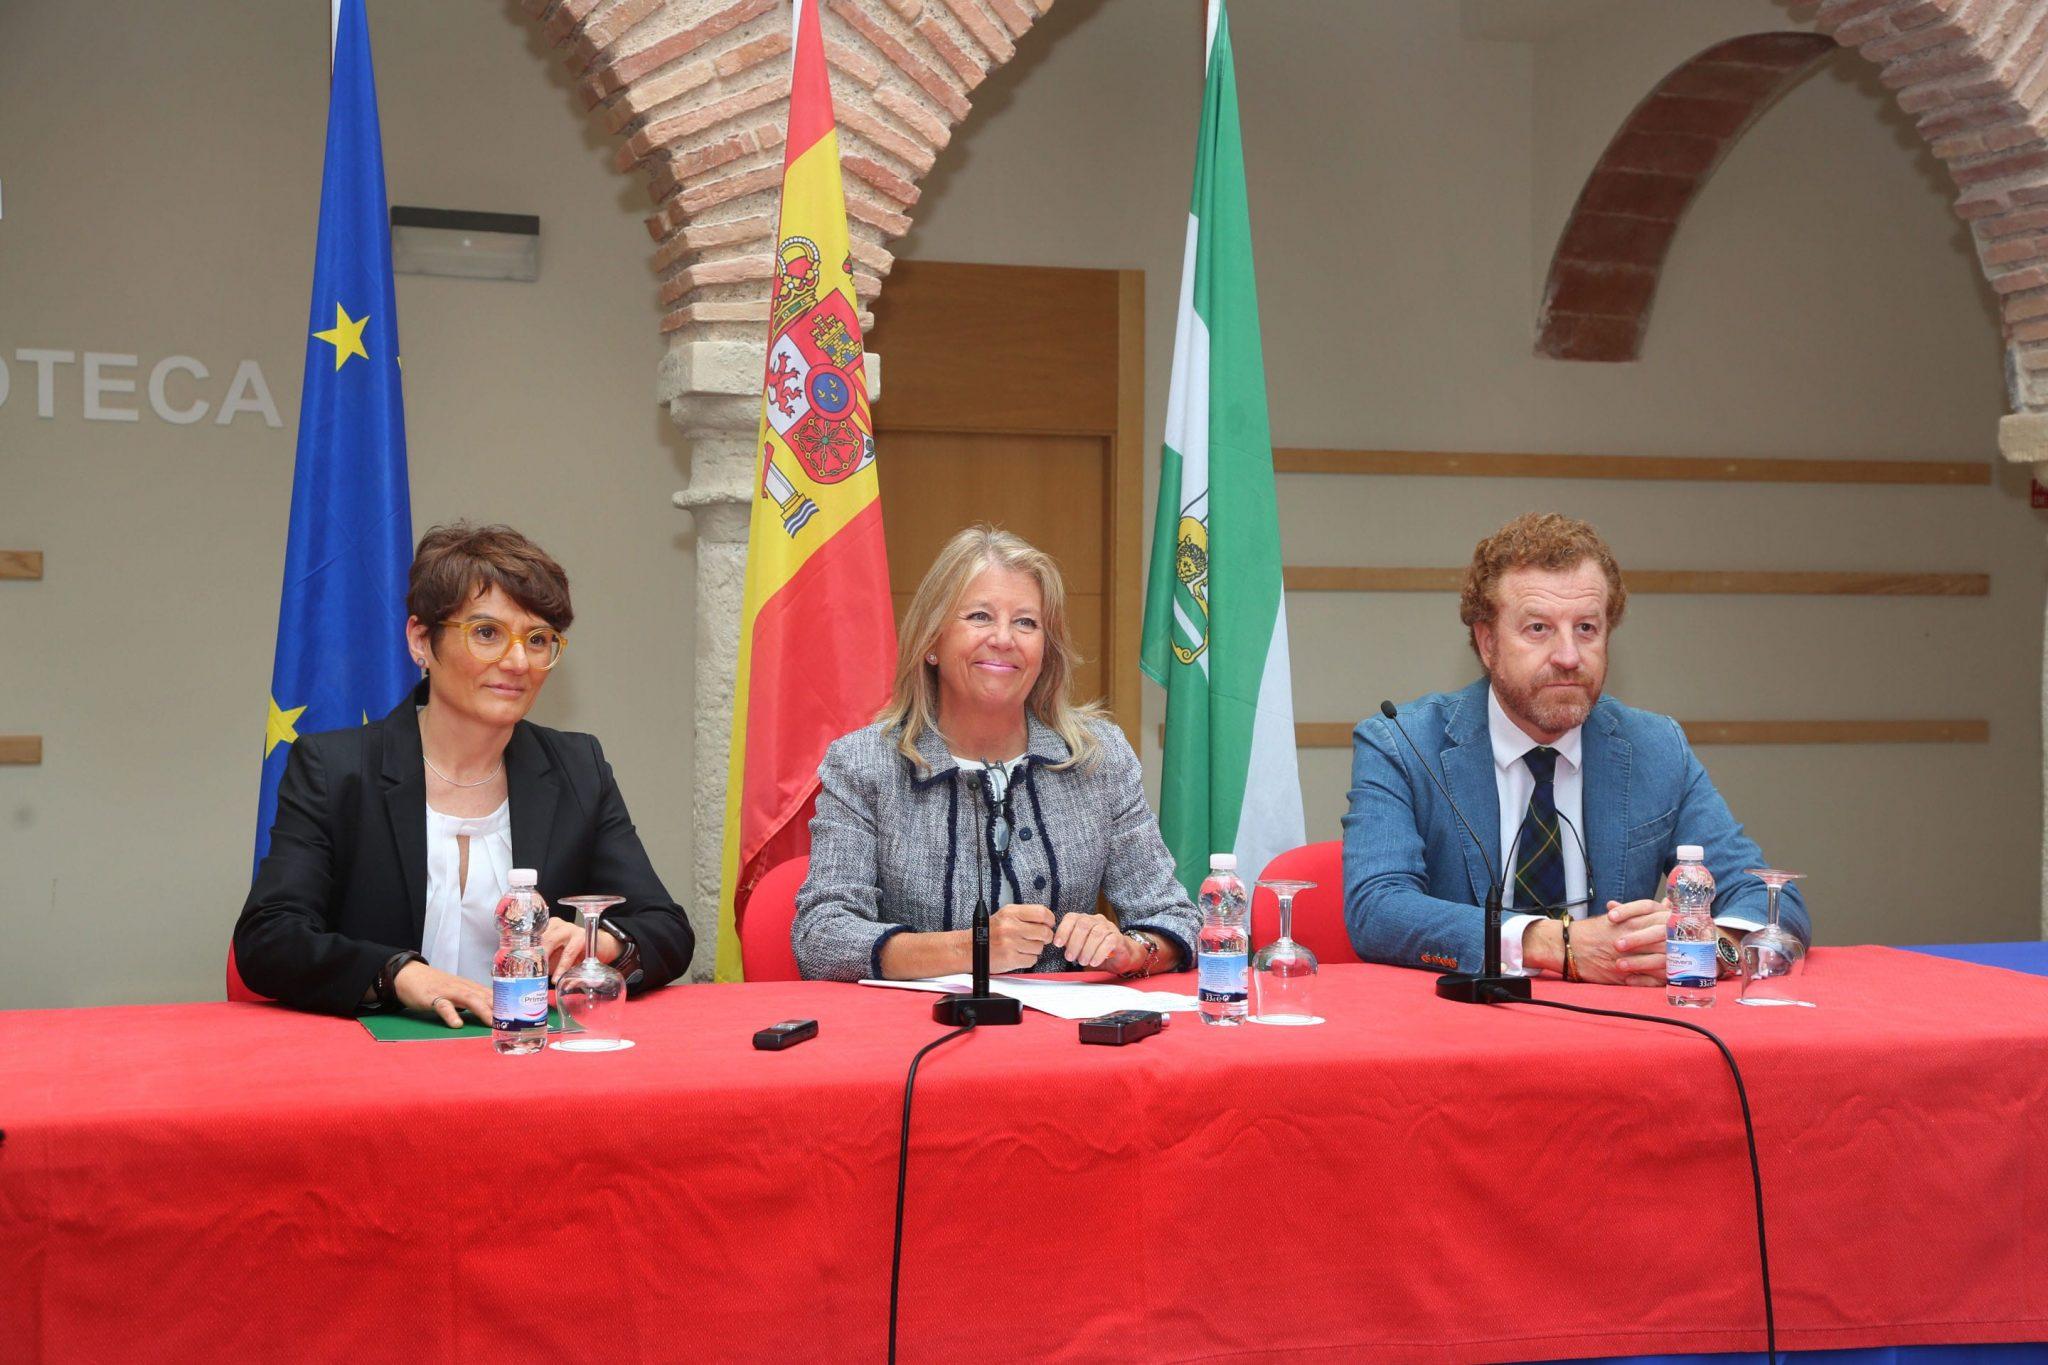 Cerca de 300 directores de hoteles de lujo de toda Europa se darán cita en Marbella entre el 16 y el 18 de marzo